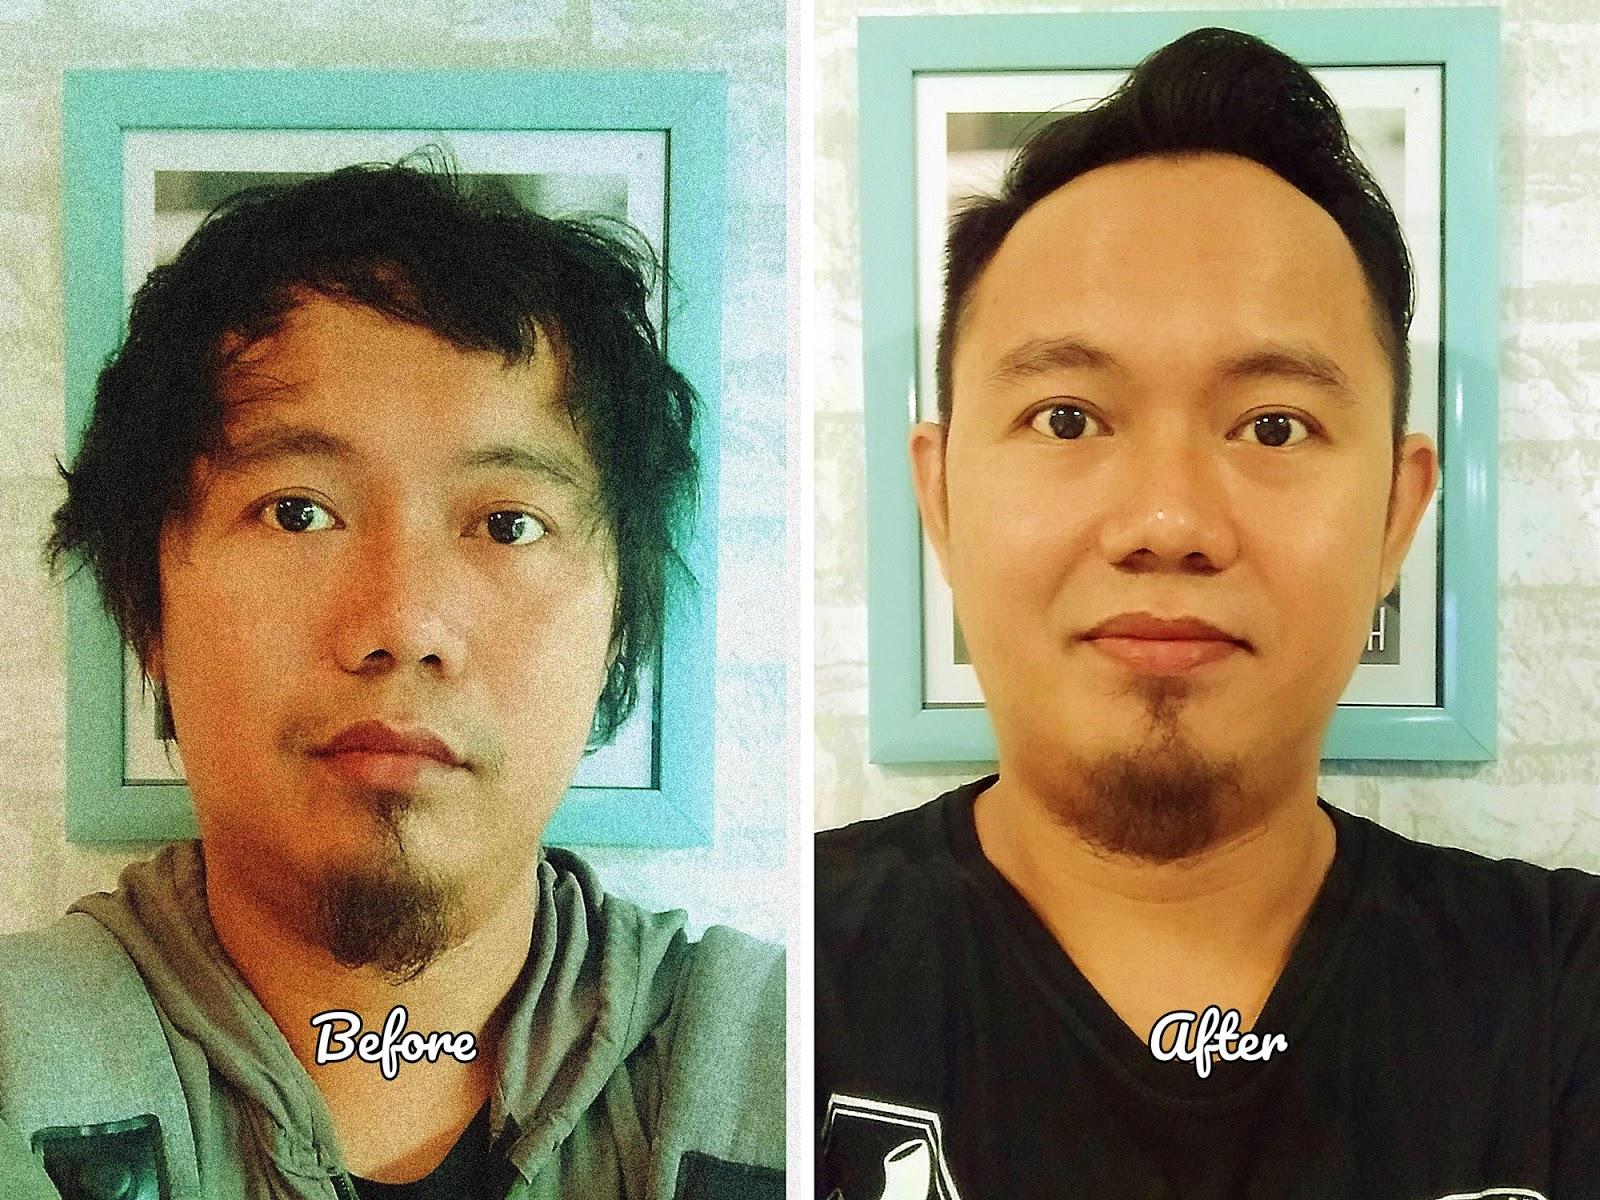 barbershop and cafe di jember tjangkirtjoekoer%2B03